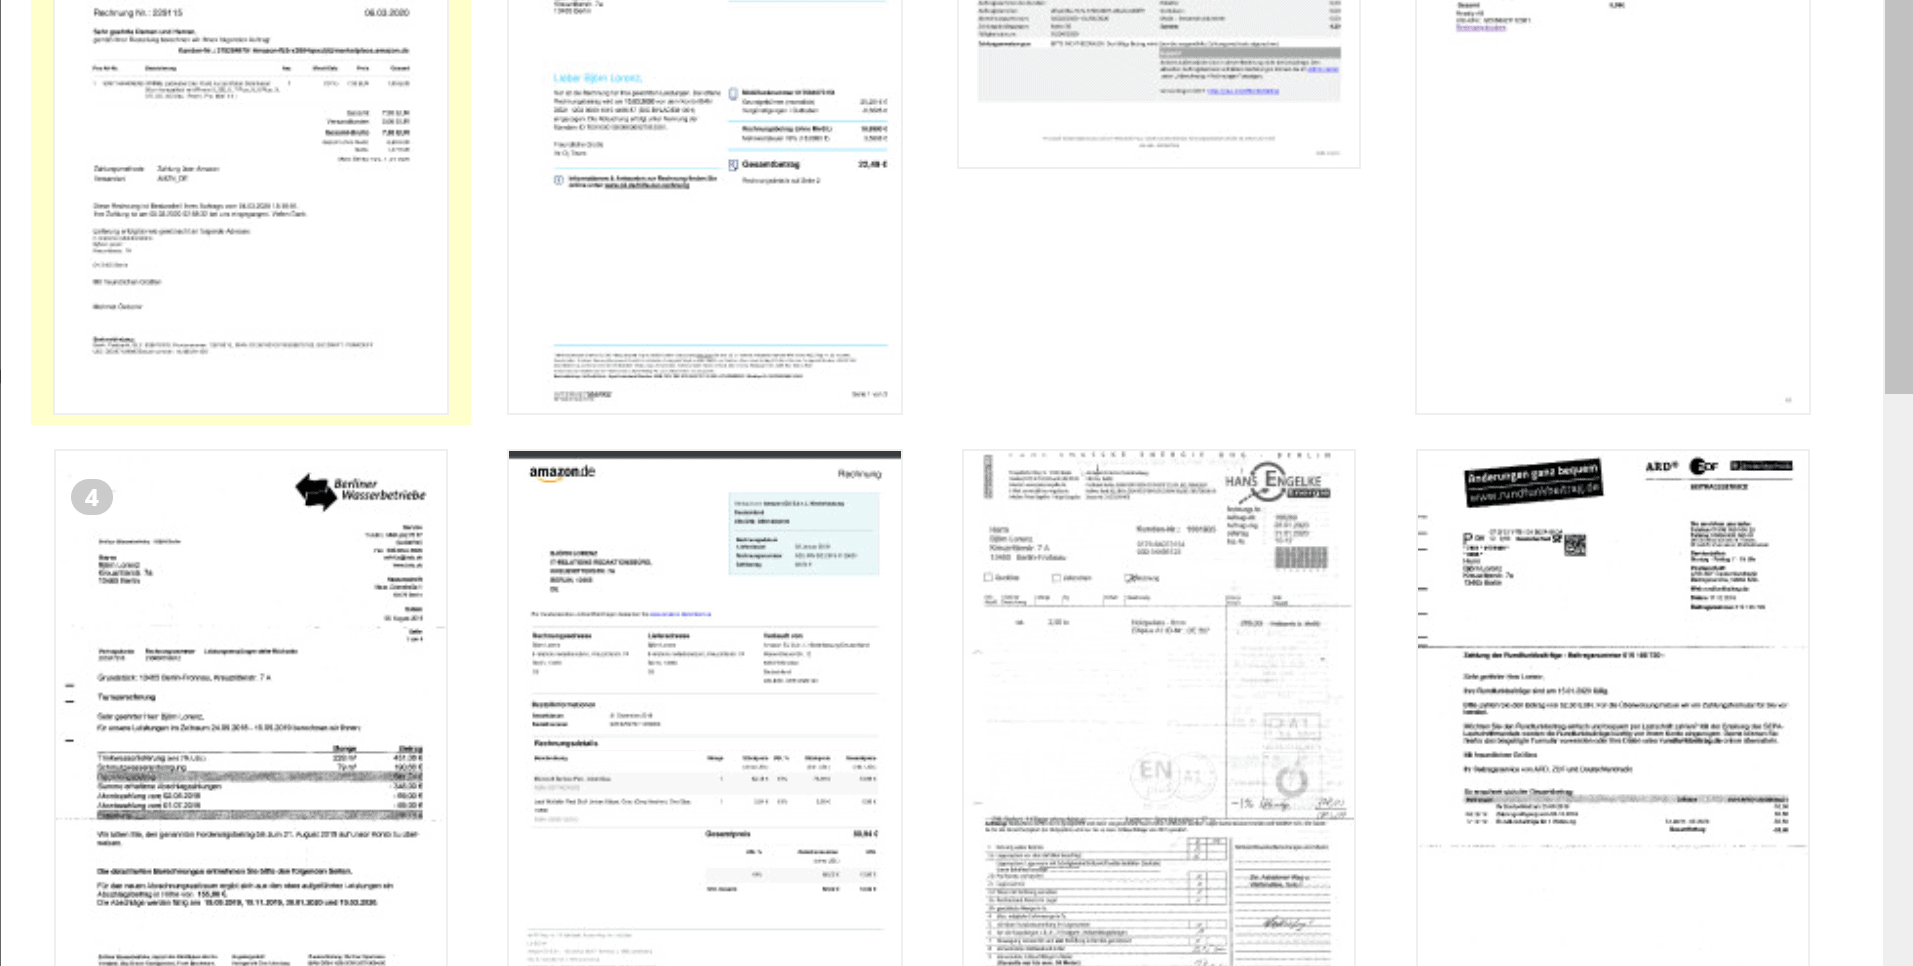 Lexoffice Testbericht: Importierte Belege parkt LexOffice zunächst im Posteingang. Sie lassen sich mit zwei Klicks für die Verarbeitung öffnen.